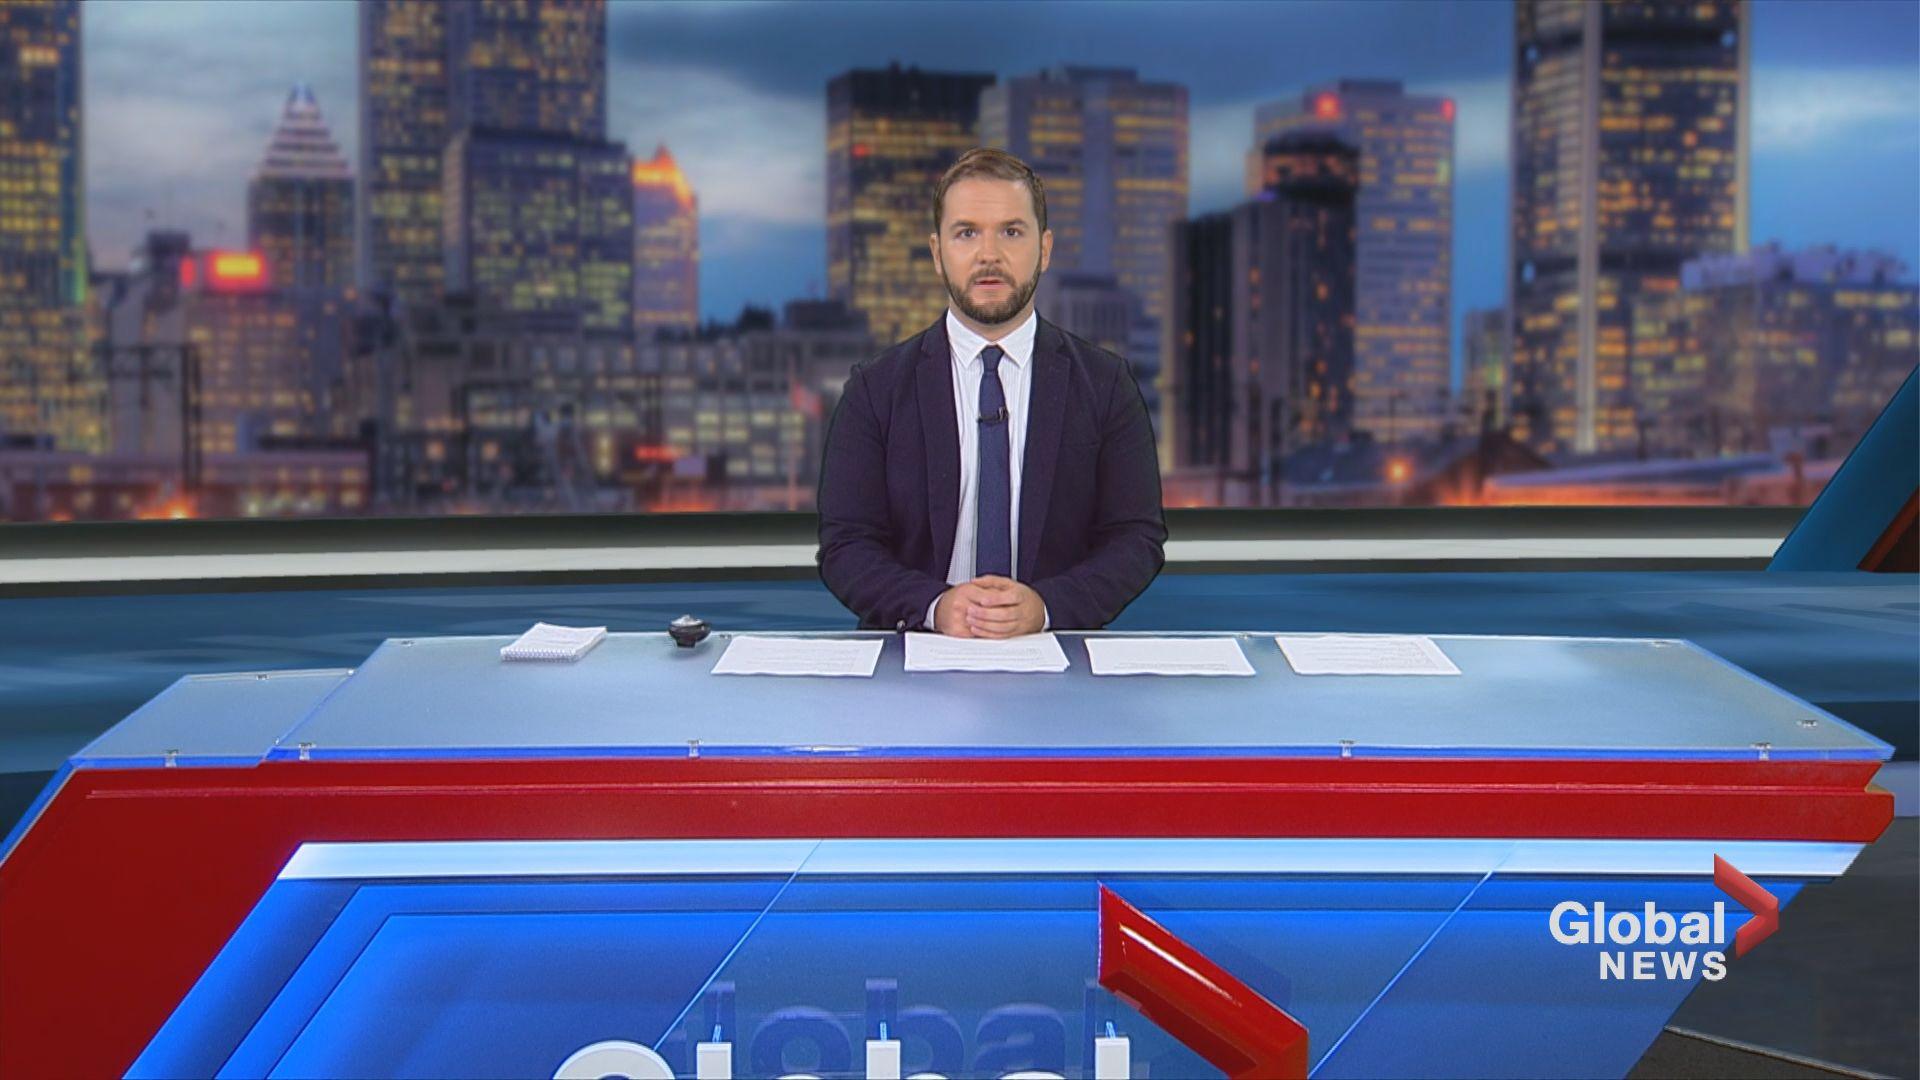 Global News Morning headlines: Monday September 23, 2019